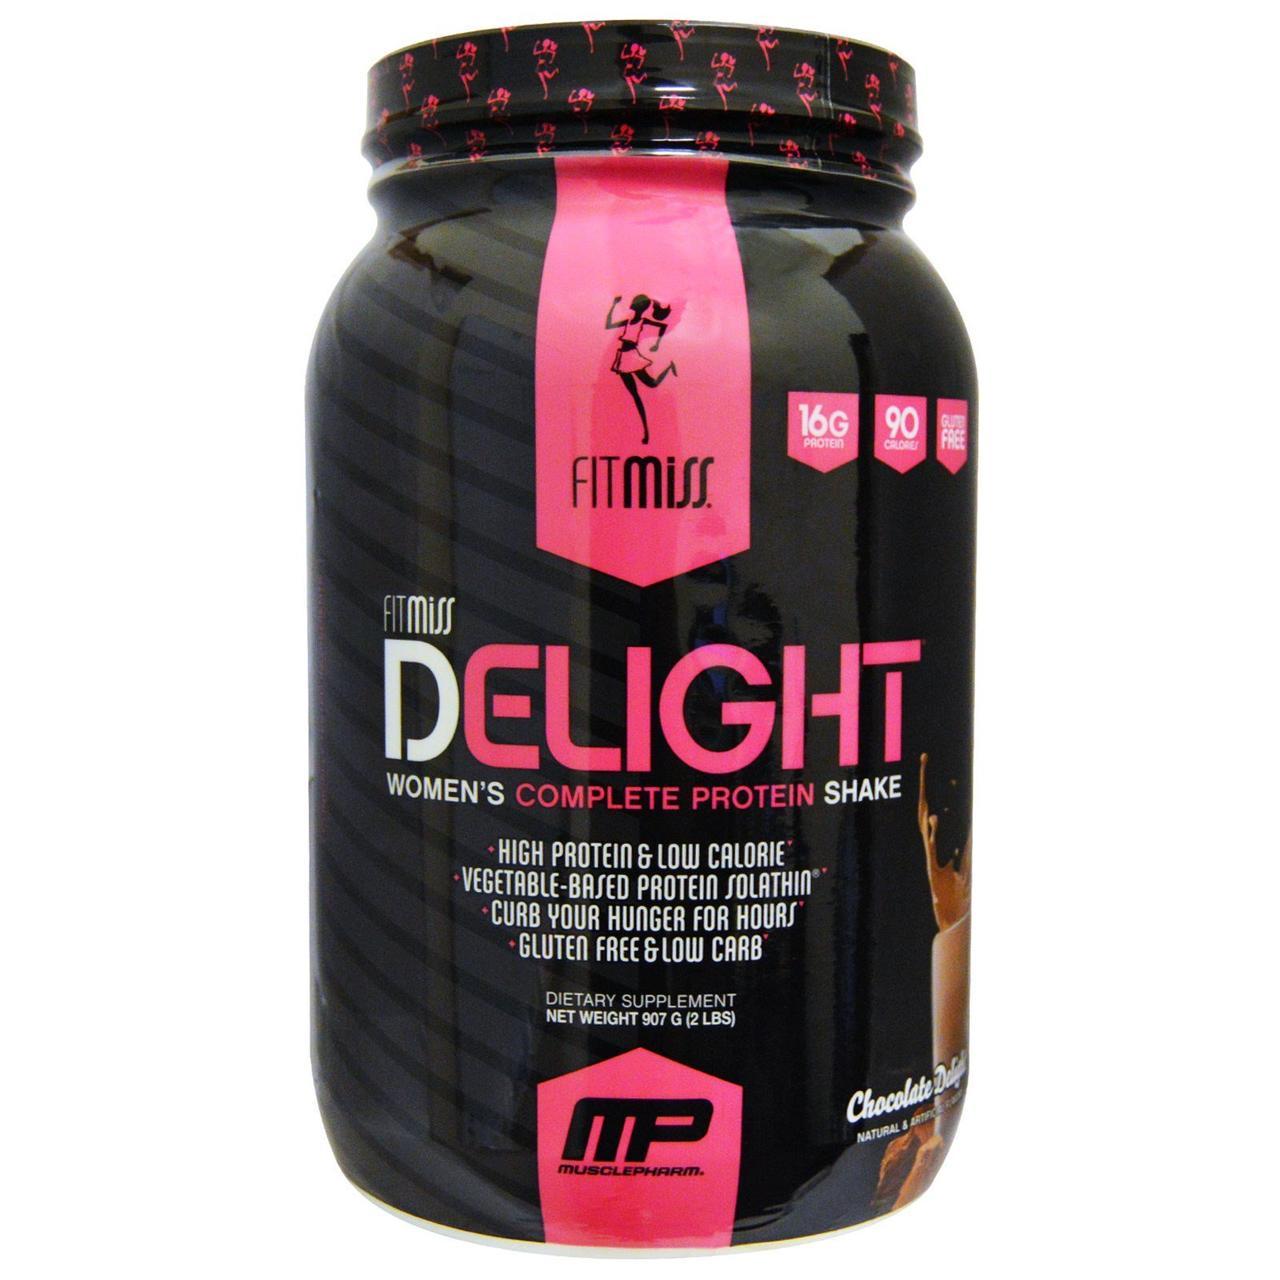 FitMiss, Delight, полноценный протеиновый коктейль для женщин, шоколадный восторг, 2 фунта (907 г)